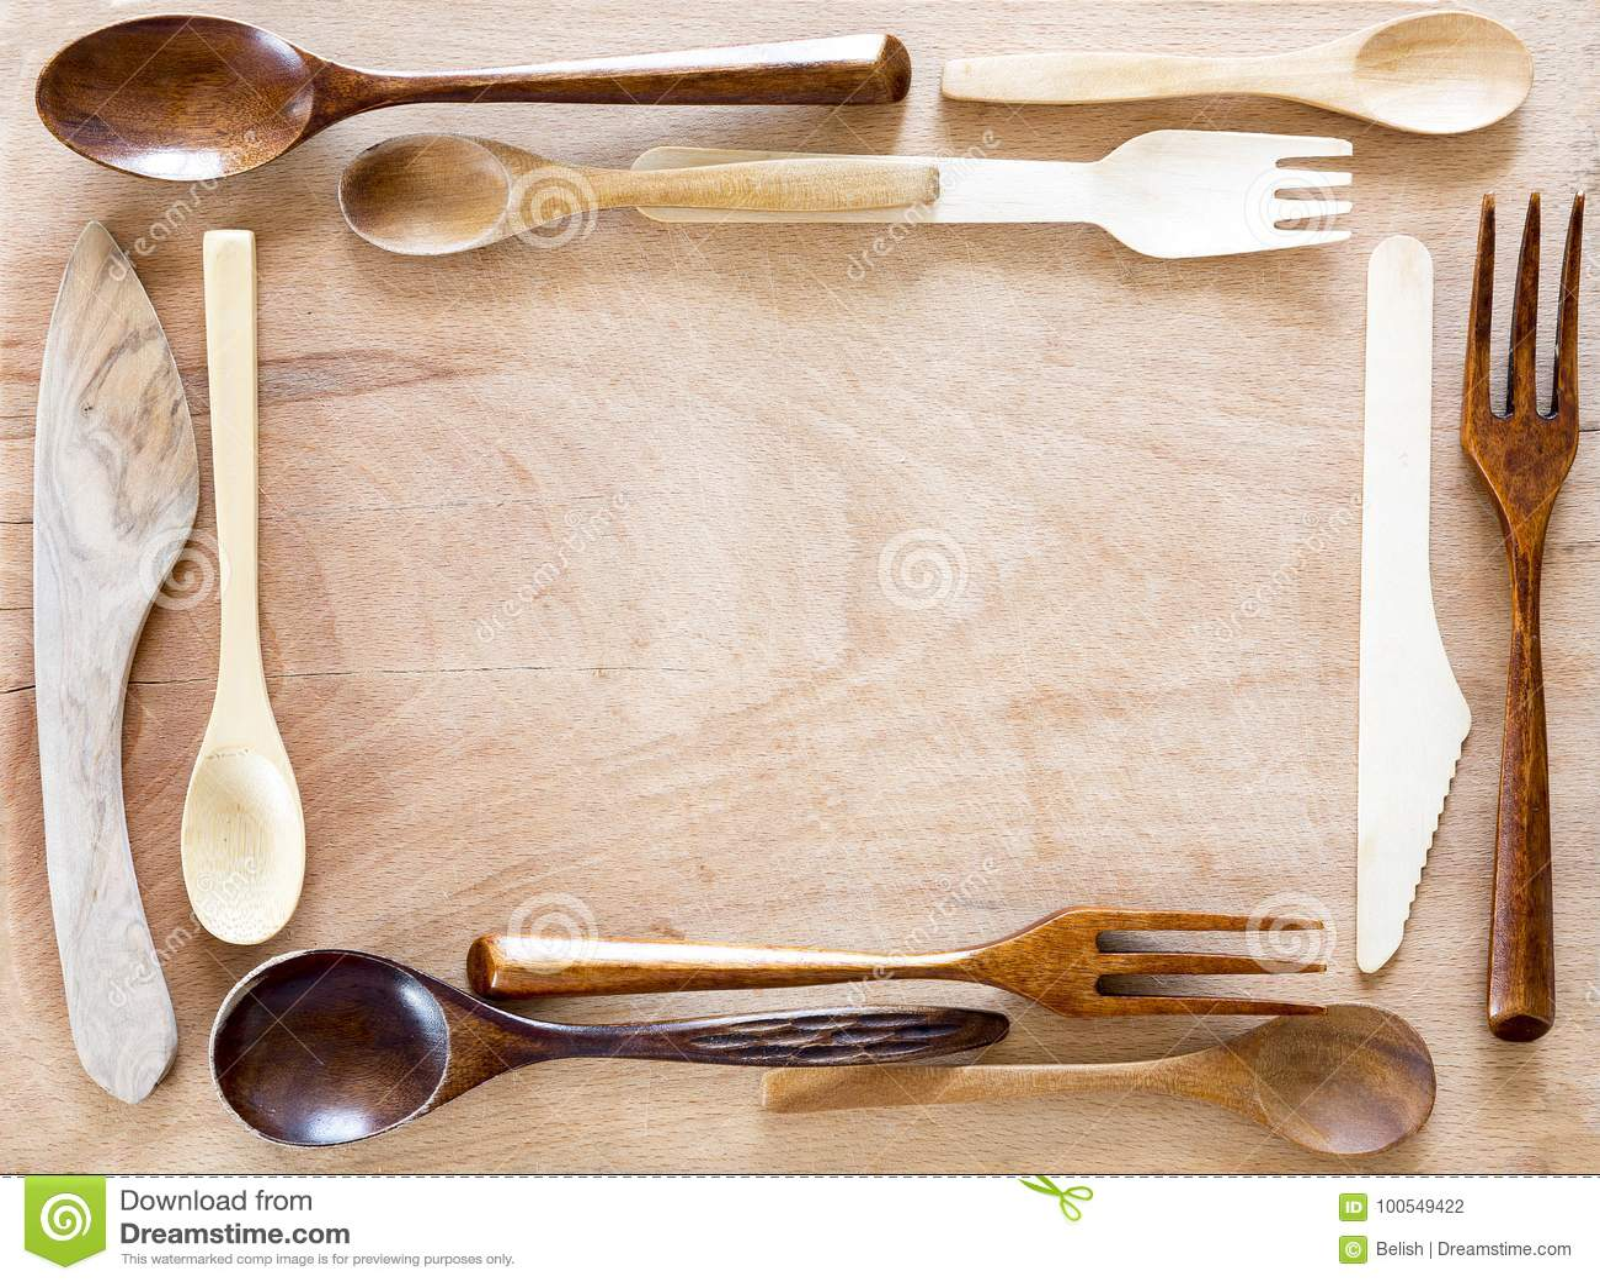 kitchen utensils aid sale 在木背景的木厨具框架库存照片 图片包括有手工制造 想法 剪切 有机 在木背景的木厨具框架